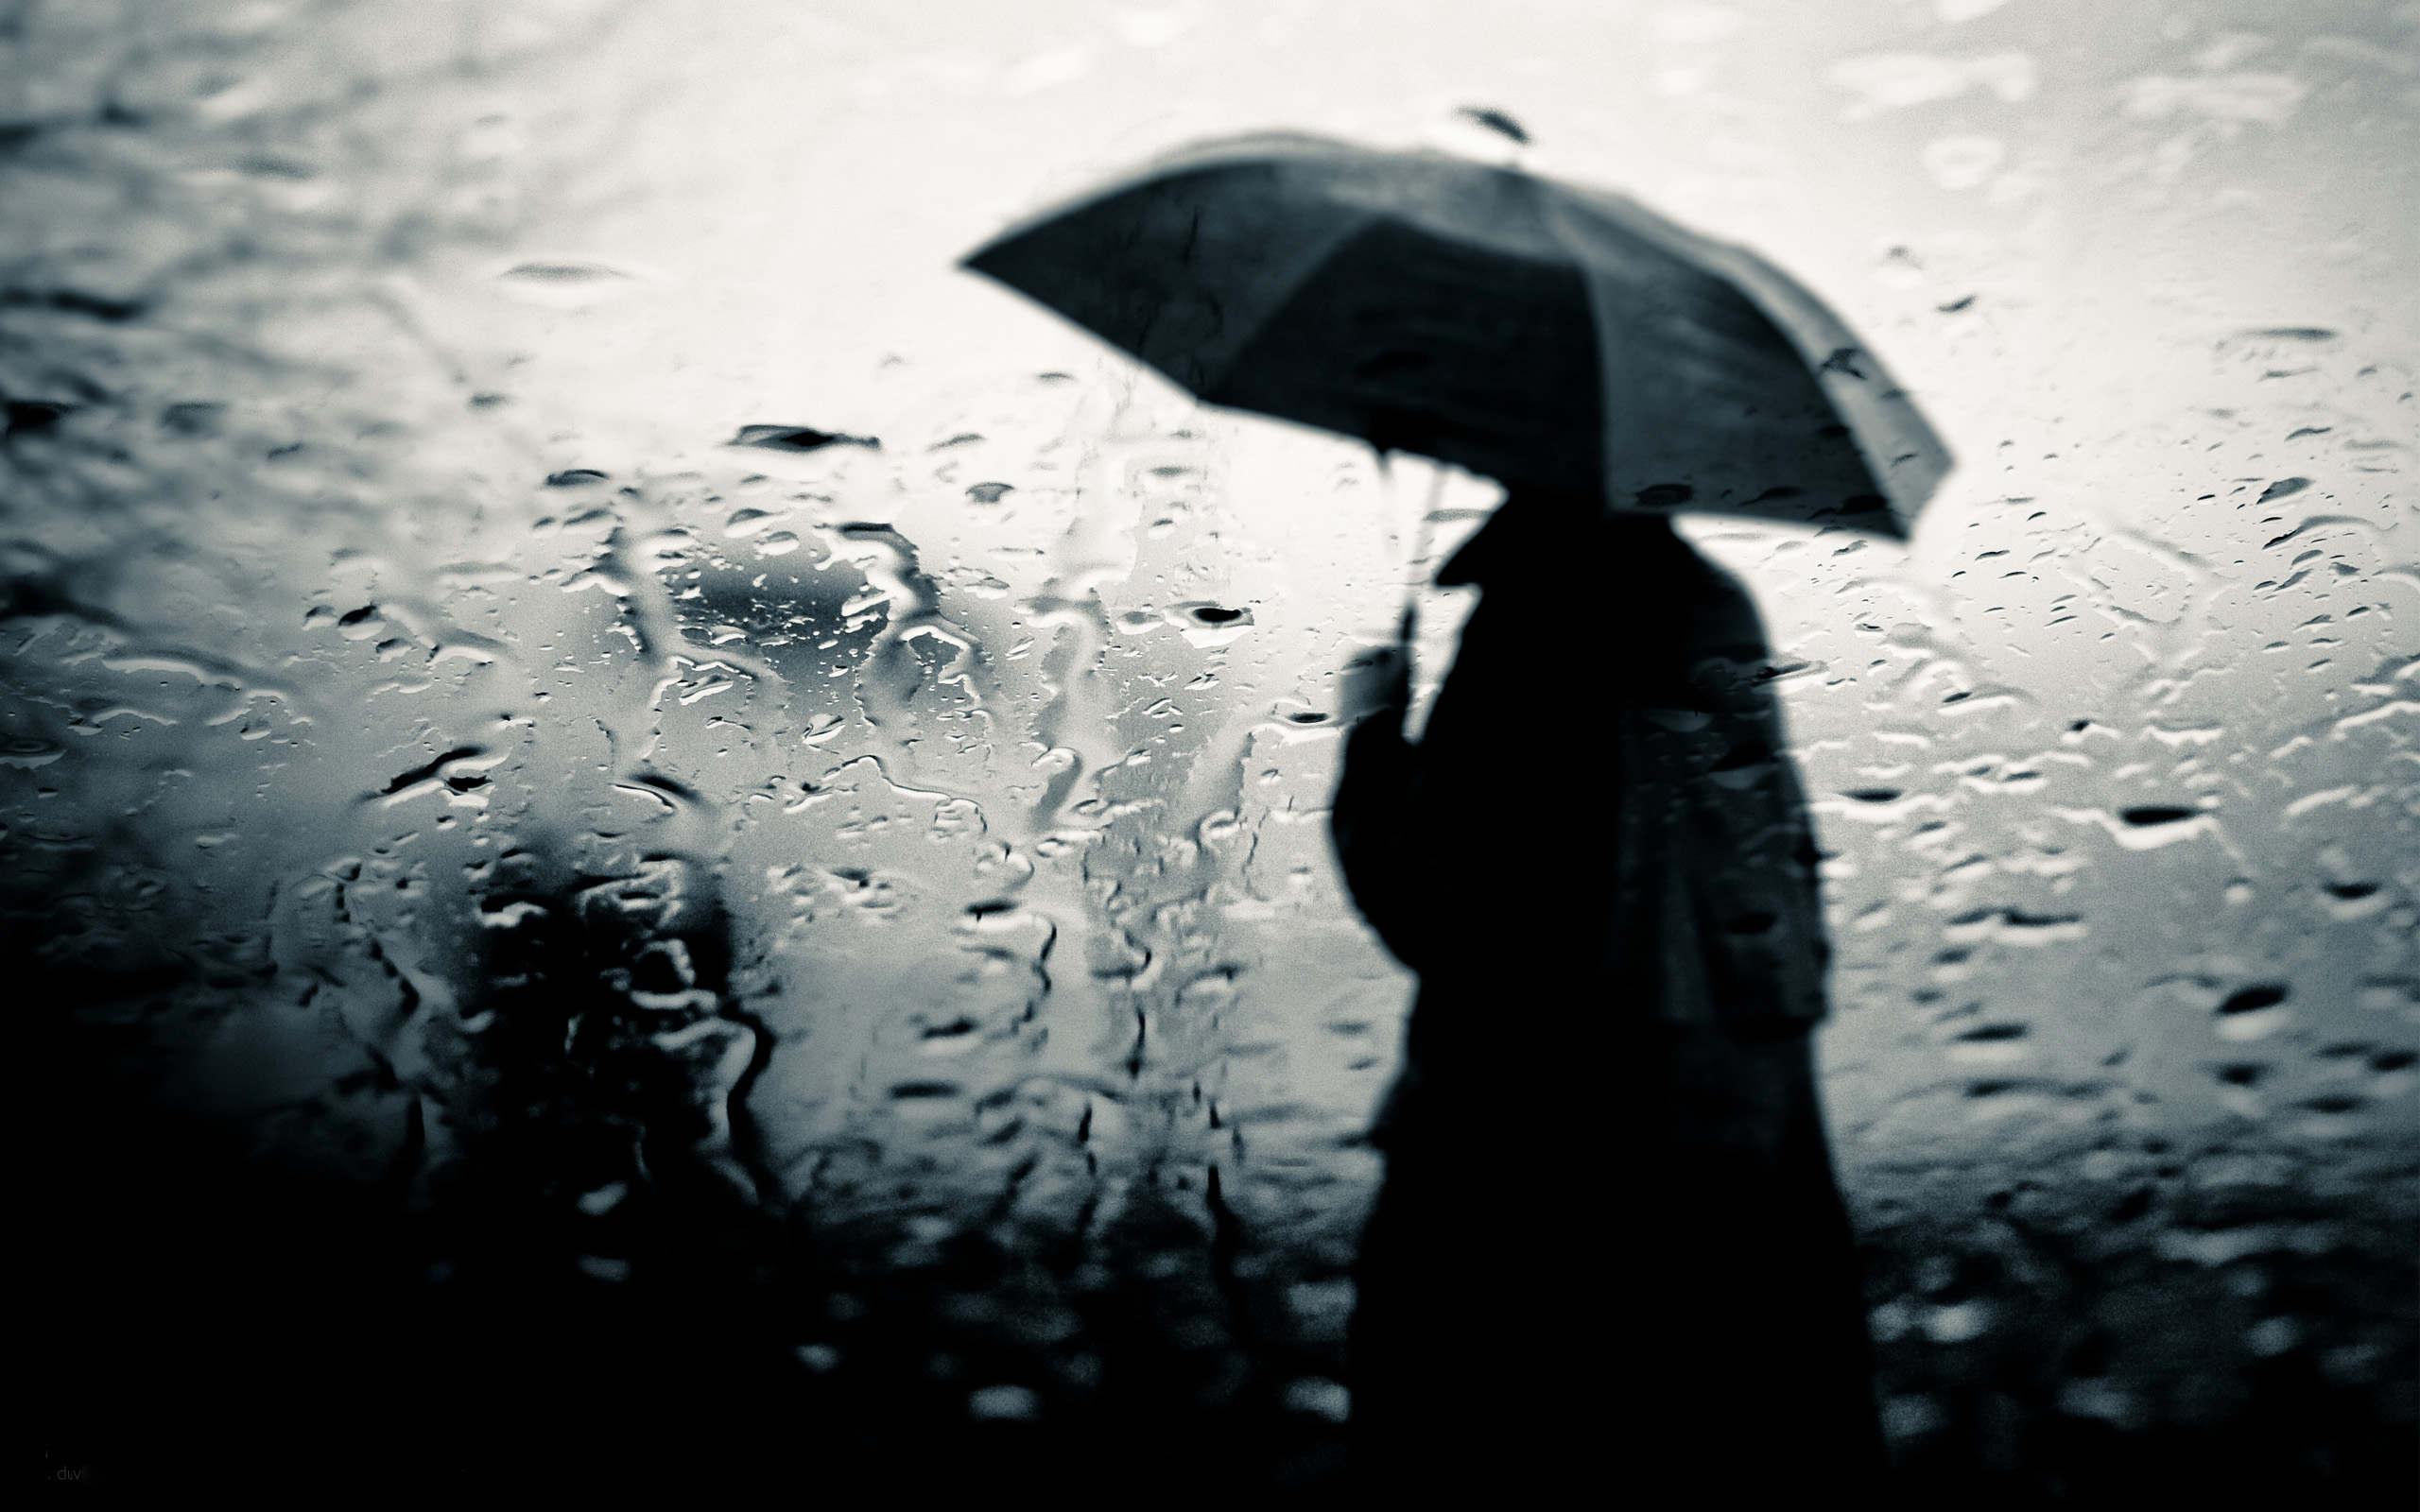 Καιρός: Απο το απόγευμα αλλάζει με ισχυρές βροχές και καταιγίδες